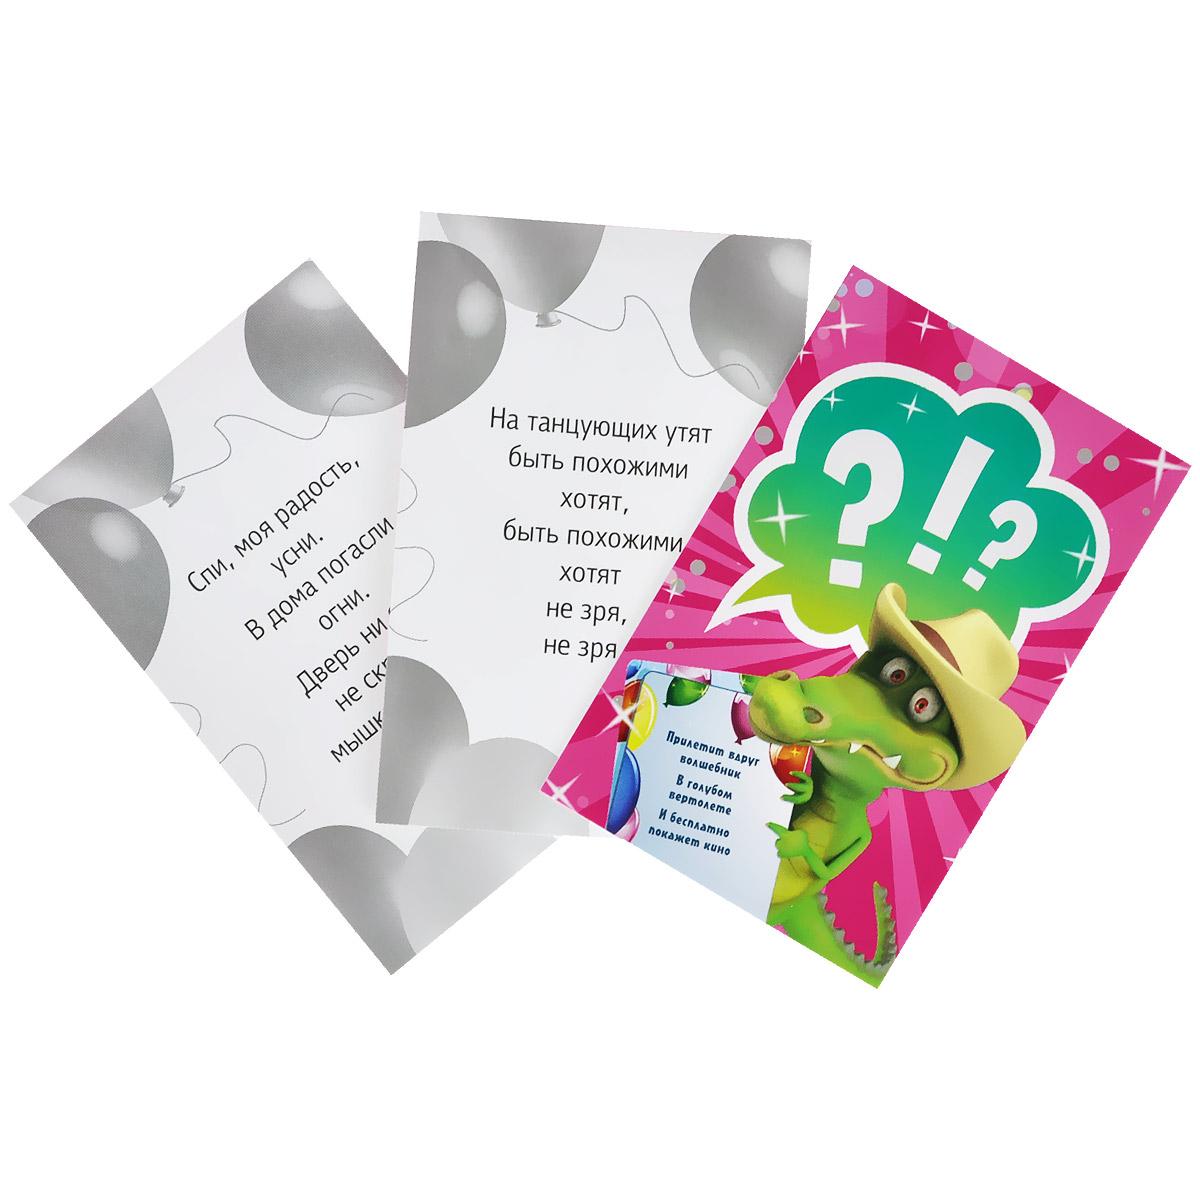 Крокодил. Игра для детей (набор из 45 карточек)